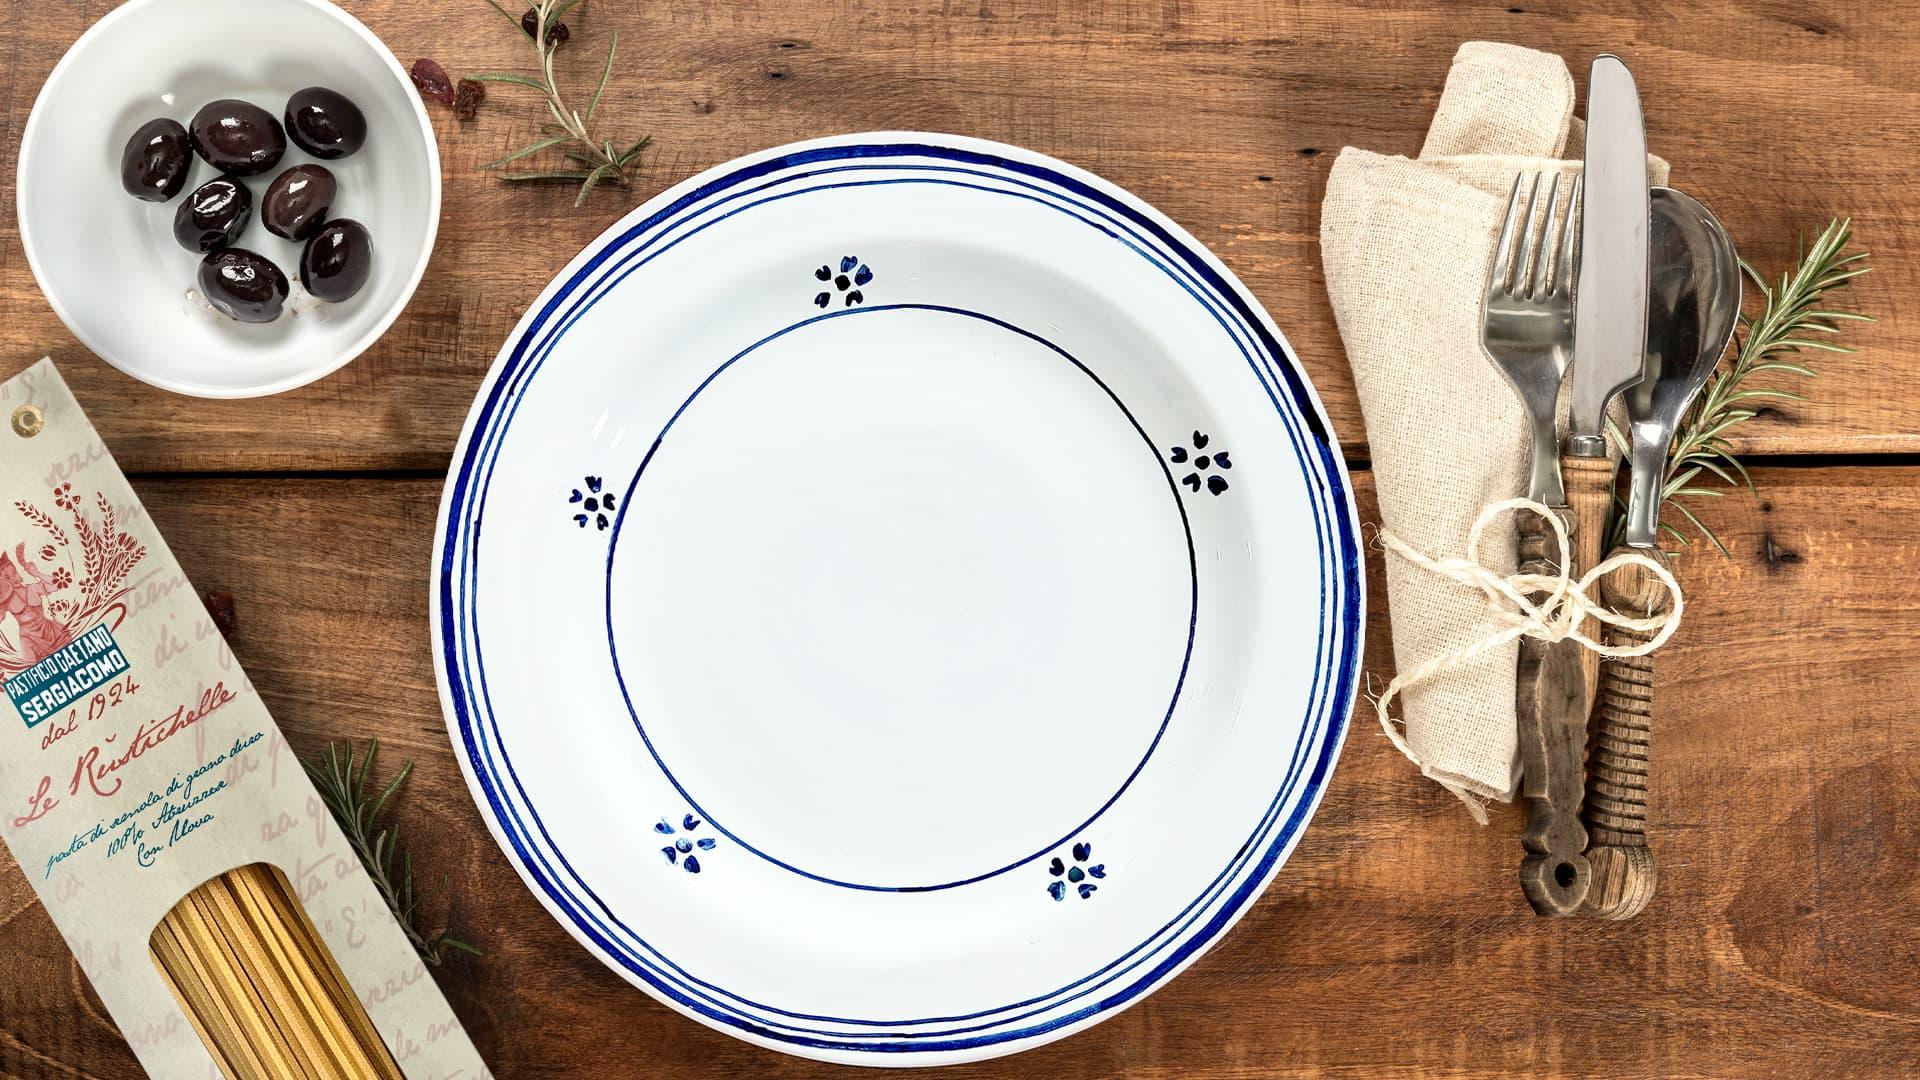 Casa Rustichella slide set piatti ceramica 2